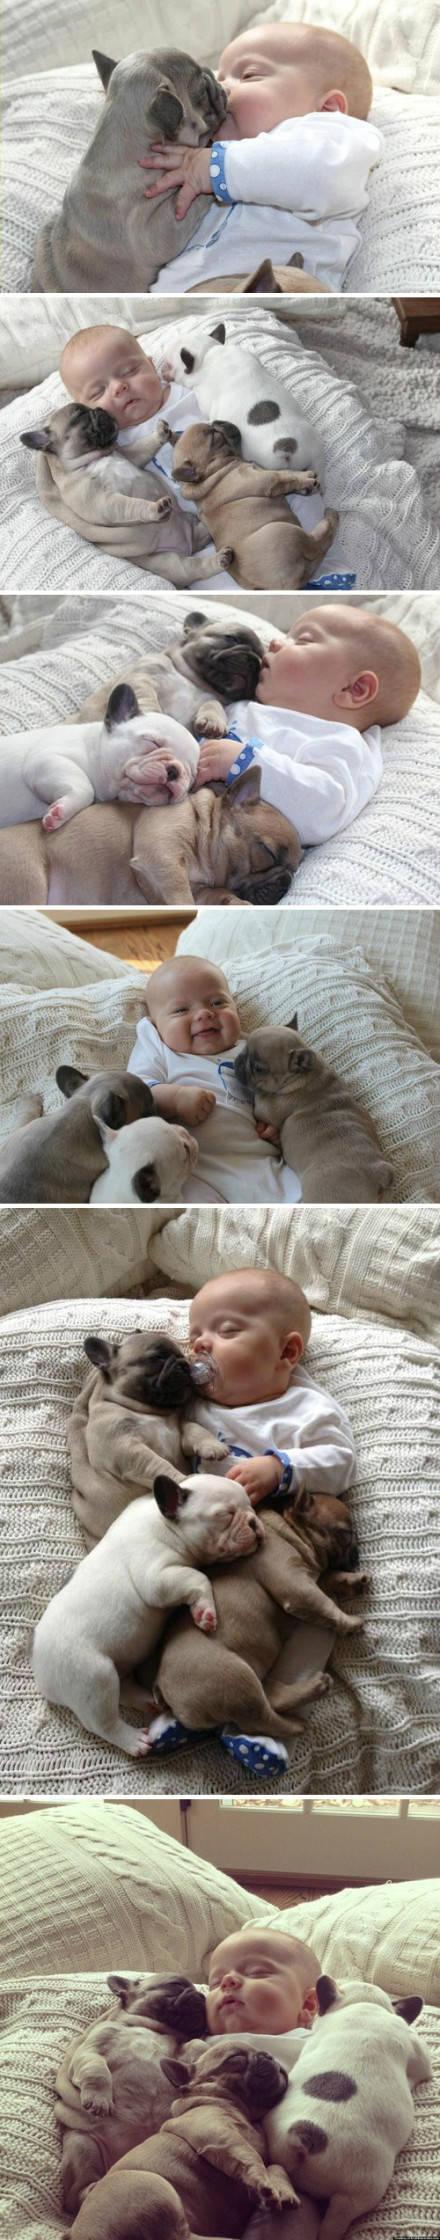 不是随便放个宝宝都能这么融合在它们之中的呀!